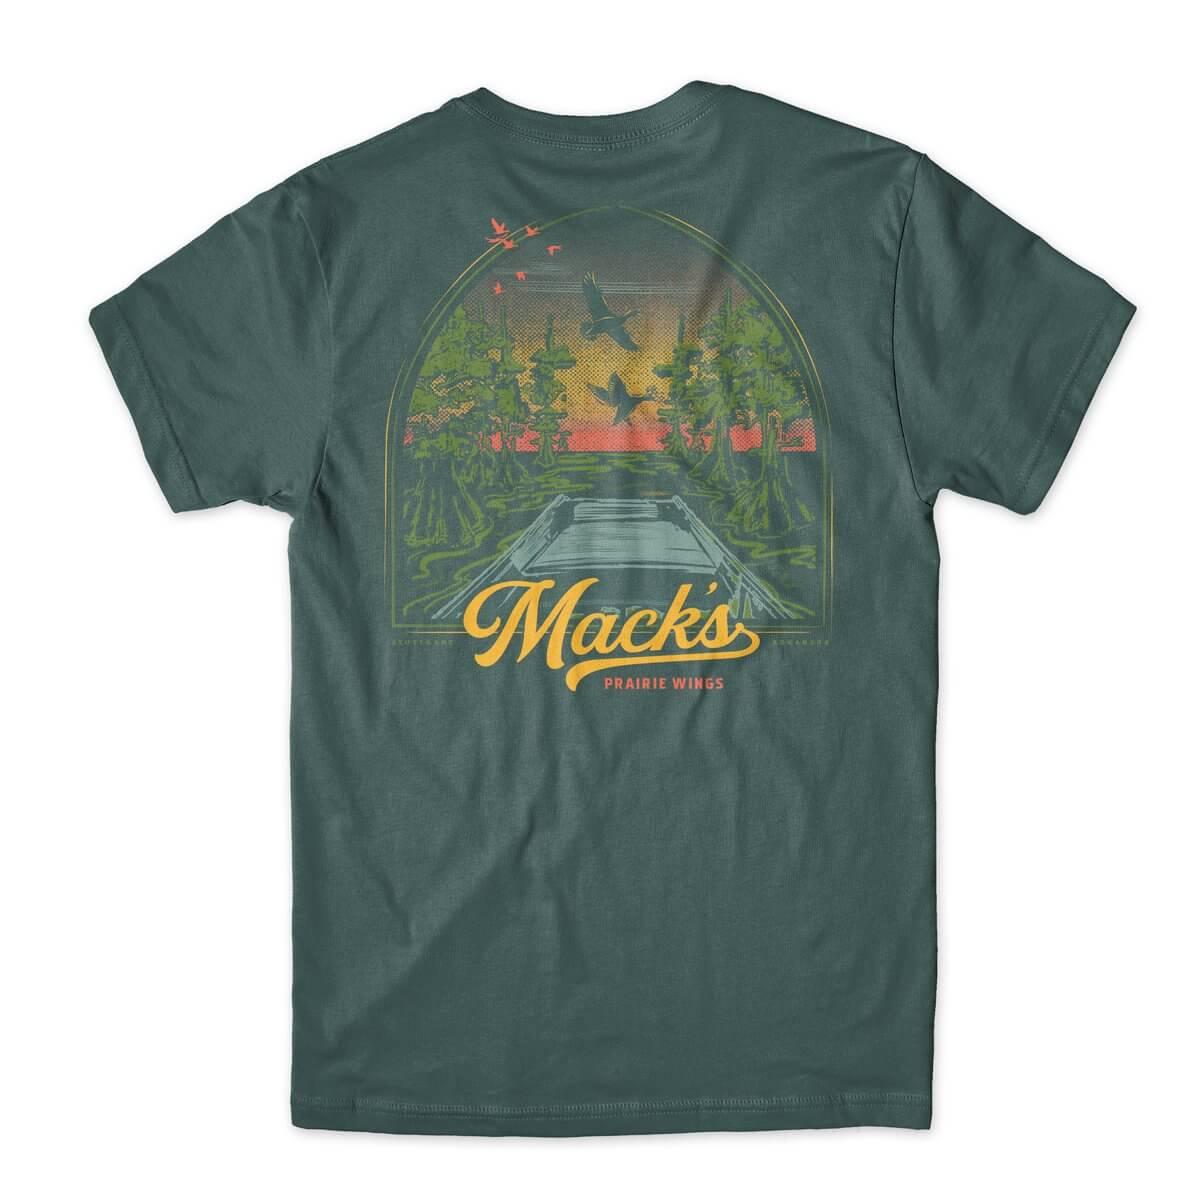 Mack's Prairie Wings Cypress tshirt